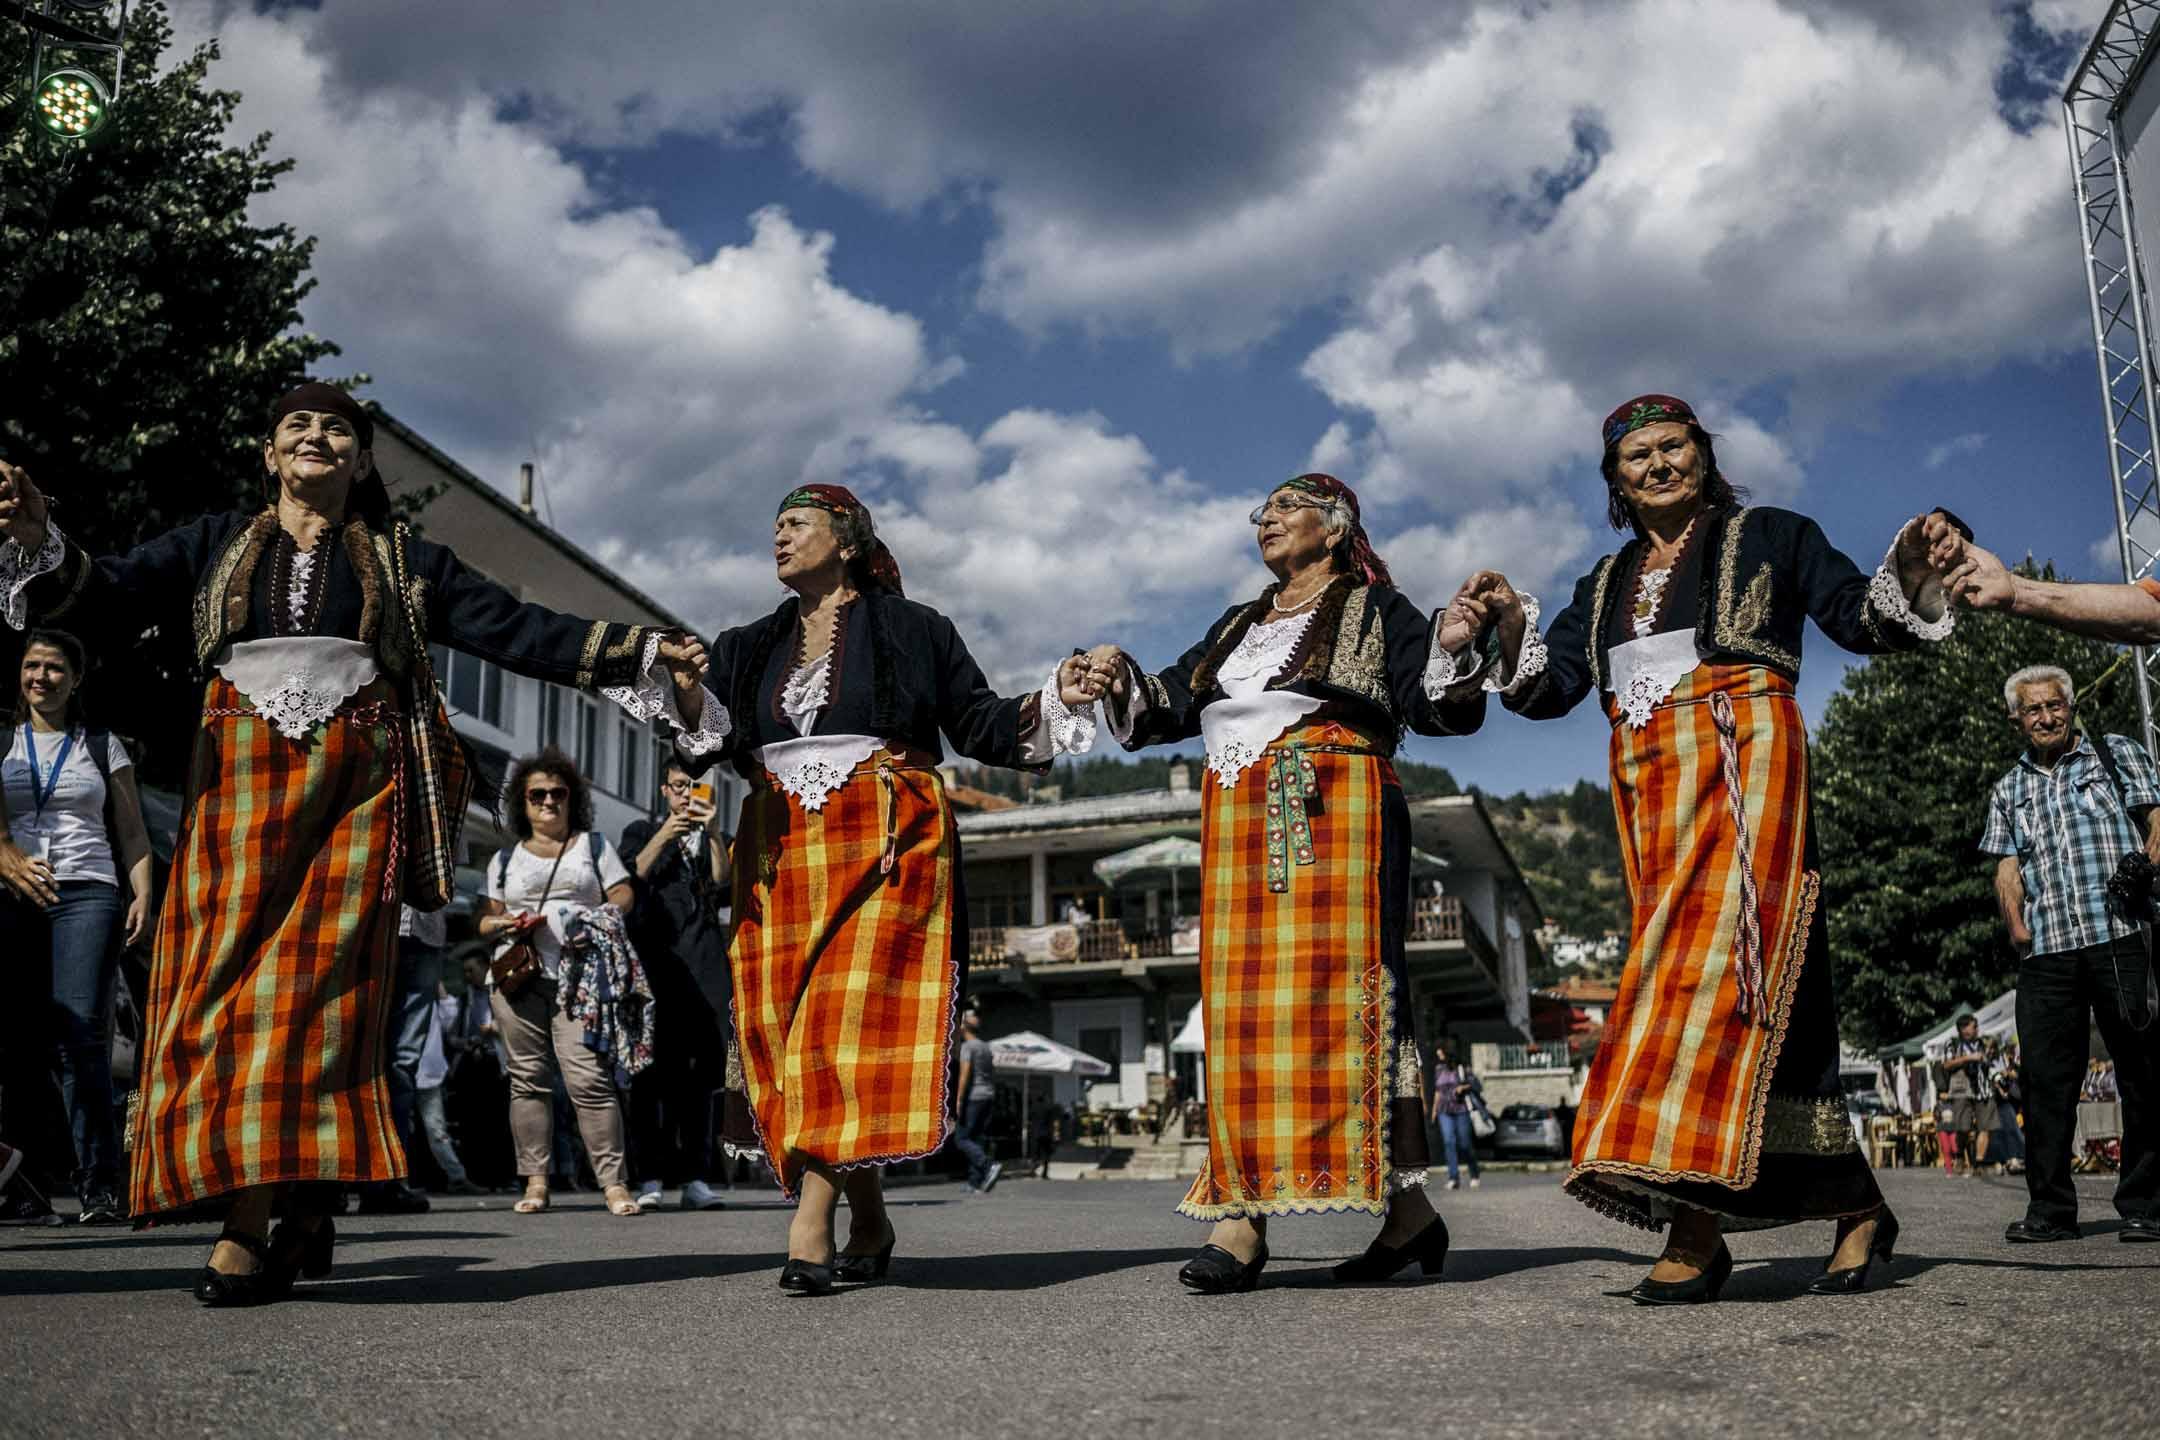 莫姆奇洛夫齊(Momchilovtsi)是東歐保加利亞深山裏的村落,住着1200人。因為中國的酸奶品牌--莫斯利安而為人熟知。圖為穿傳統服裝的保加利亞婦女在第三屆莫斯利安保加利亞國際酸奶文化節上跳舞。 攝:Dimitar Dilkoff/AFP/Getty Images